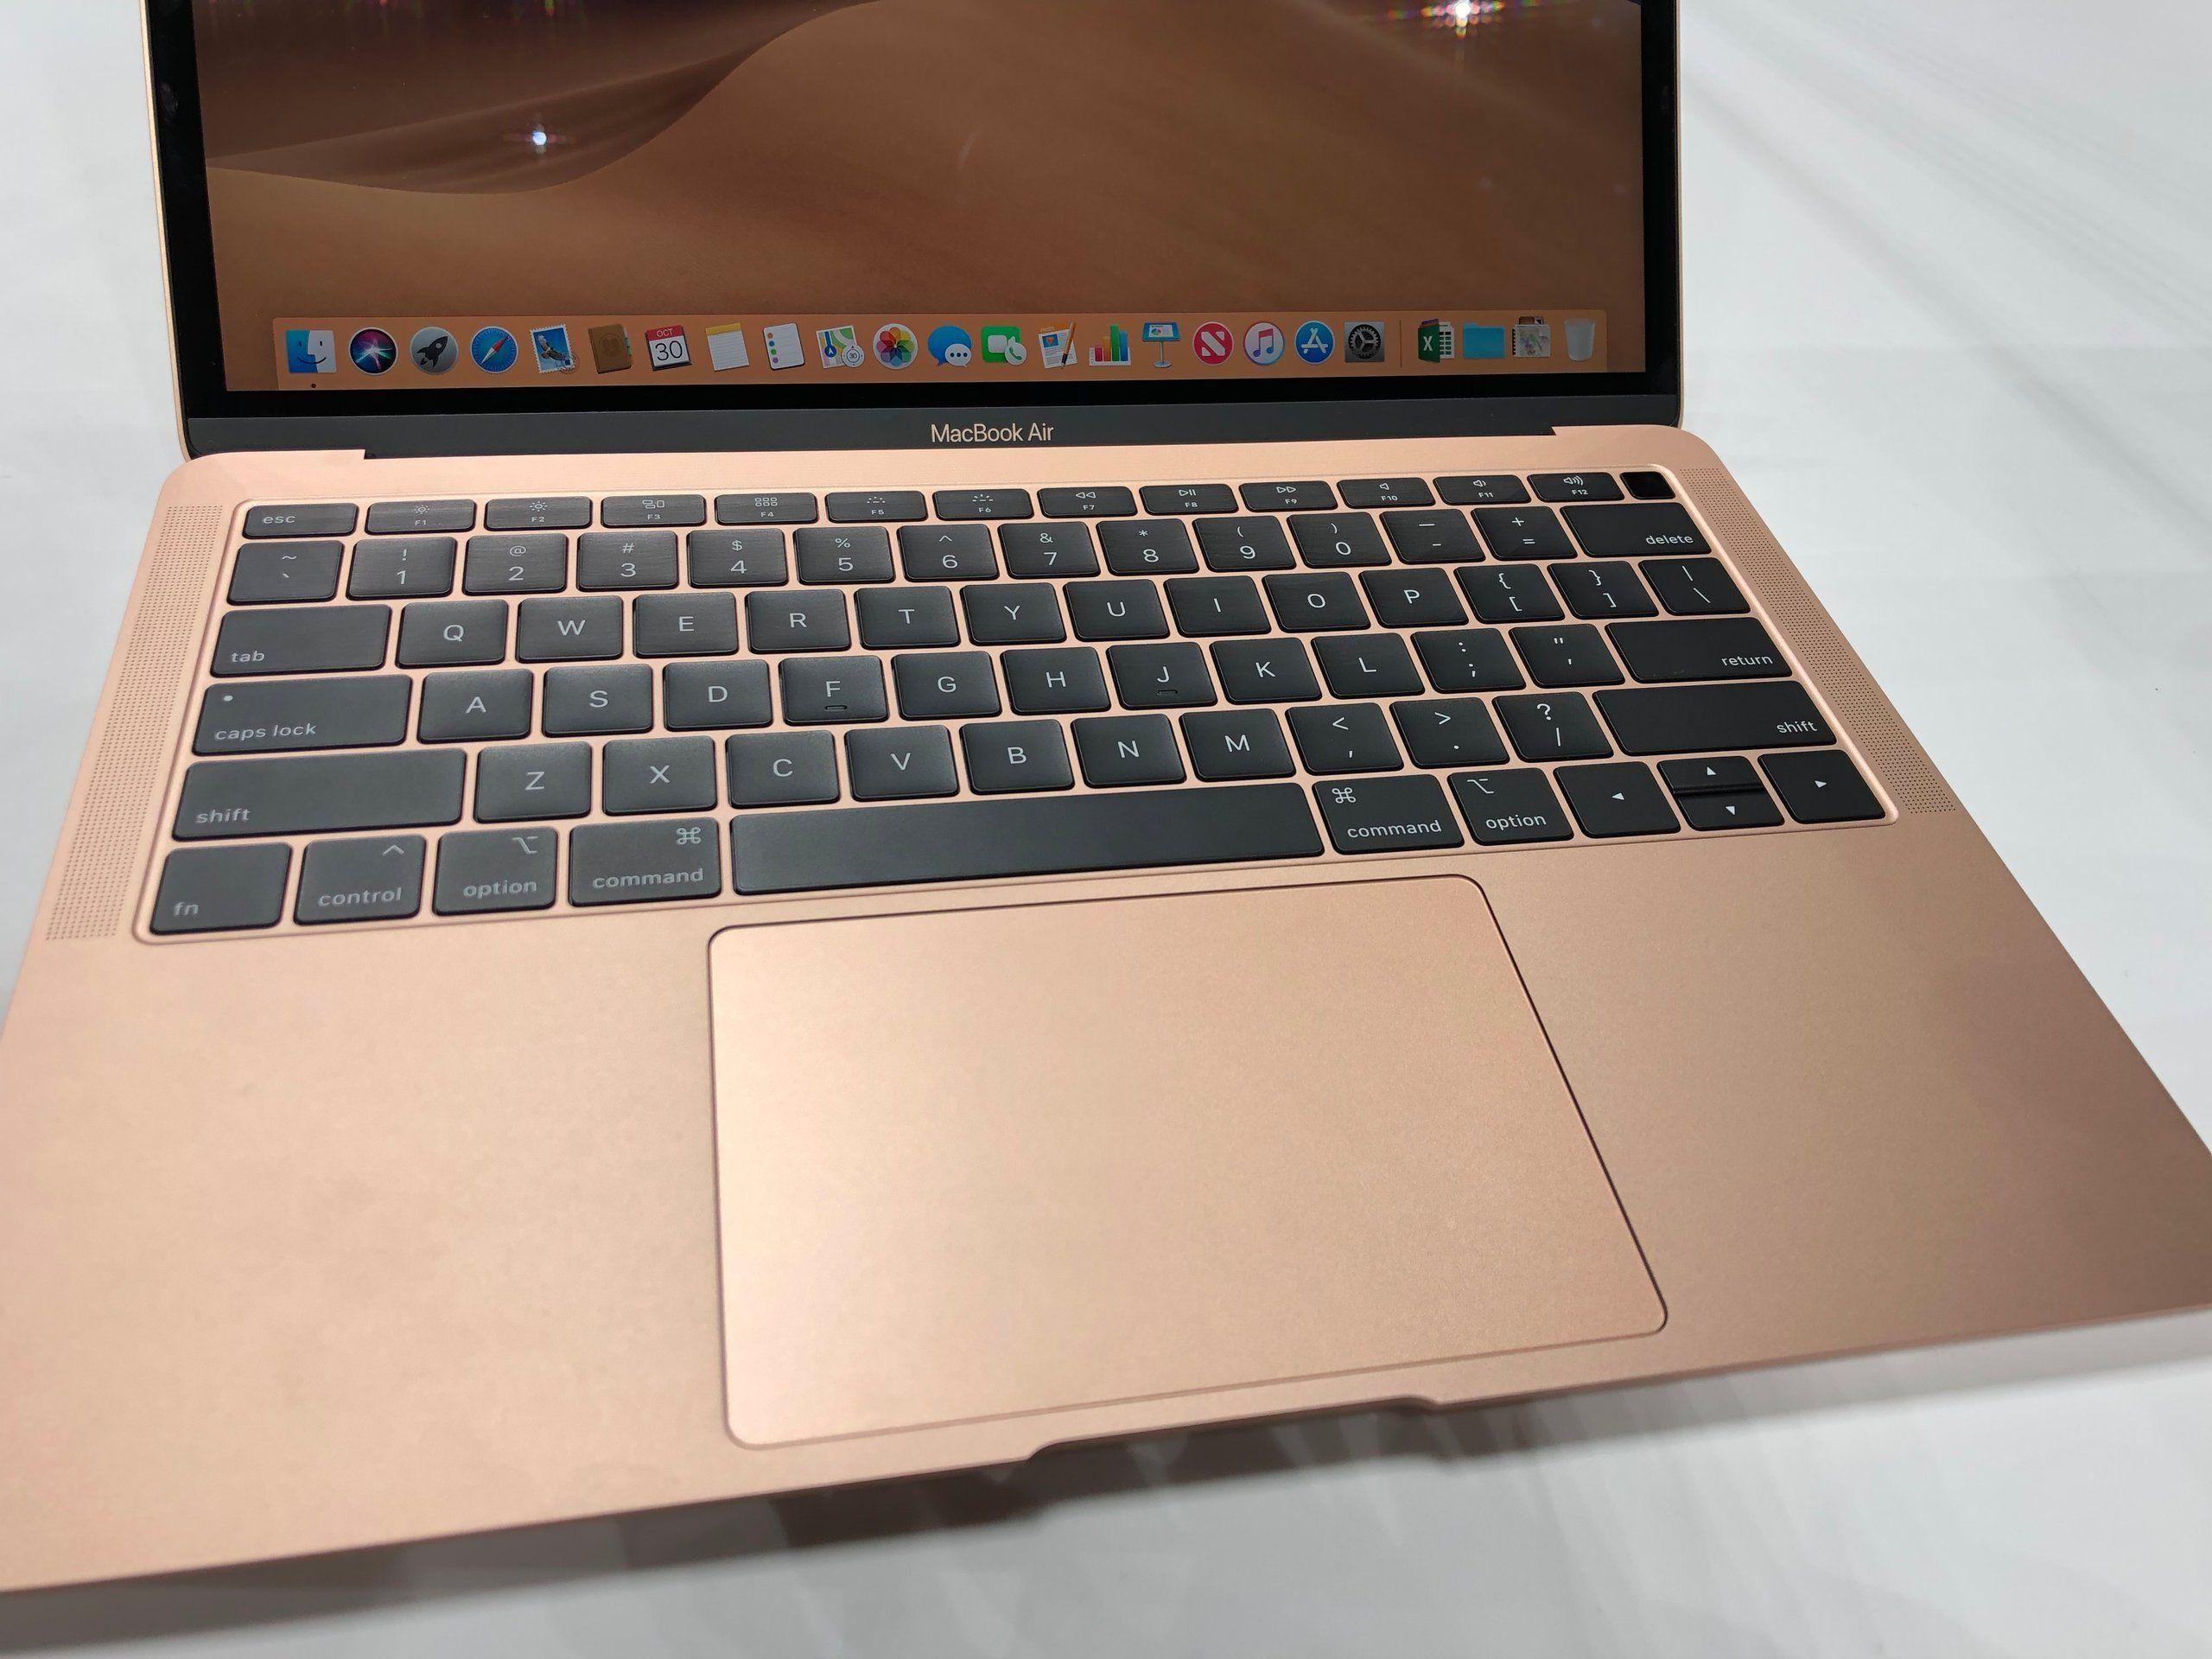 Grunde Warum Sie Sollten Apples Neue Macbook Air Kaufen In 2020 New Macbook Air Macbook Air New Macbook